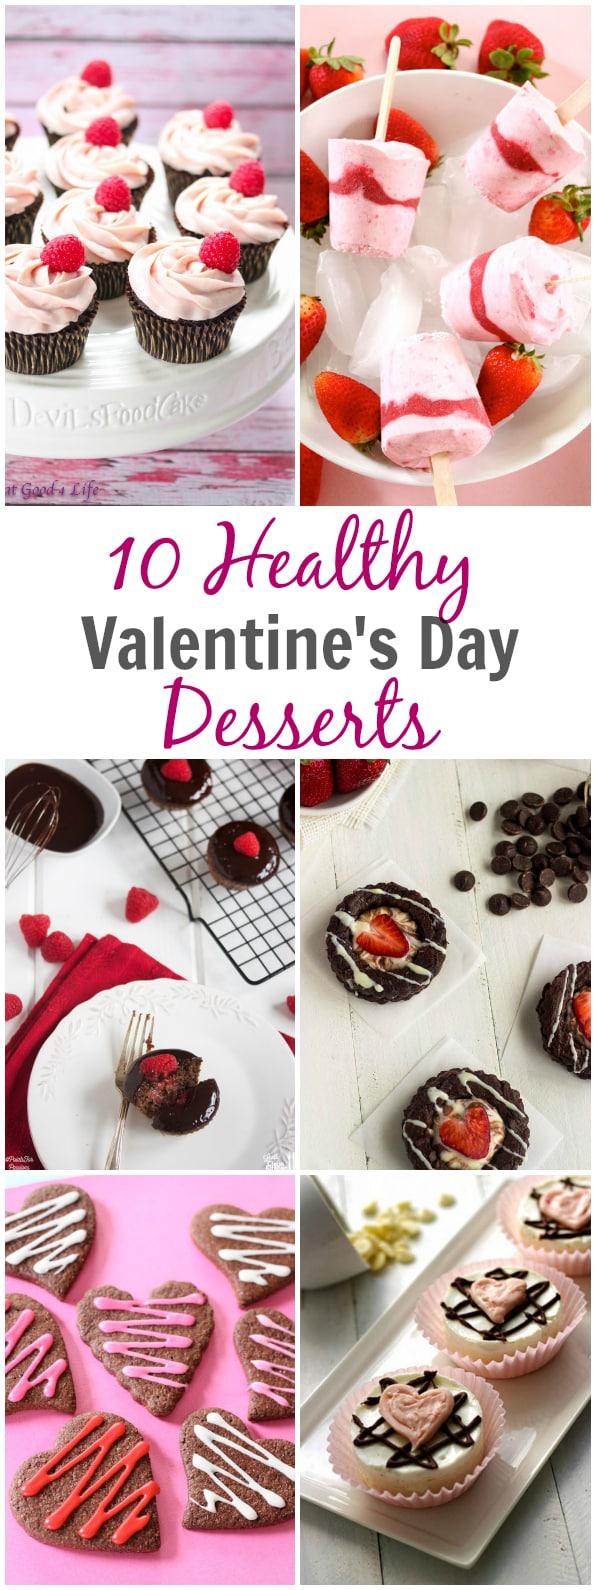 10 healthy valentines day desserts 1 - Healthy Valentine Desserts